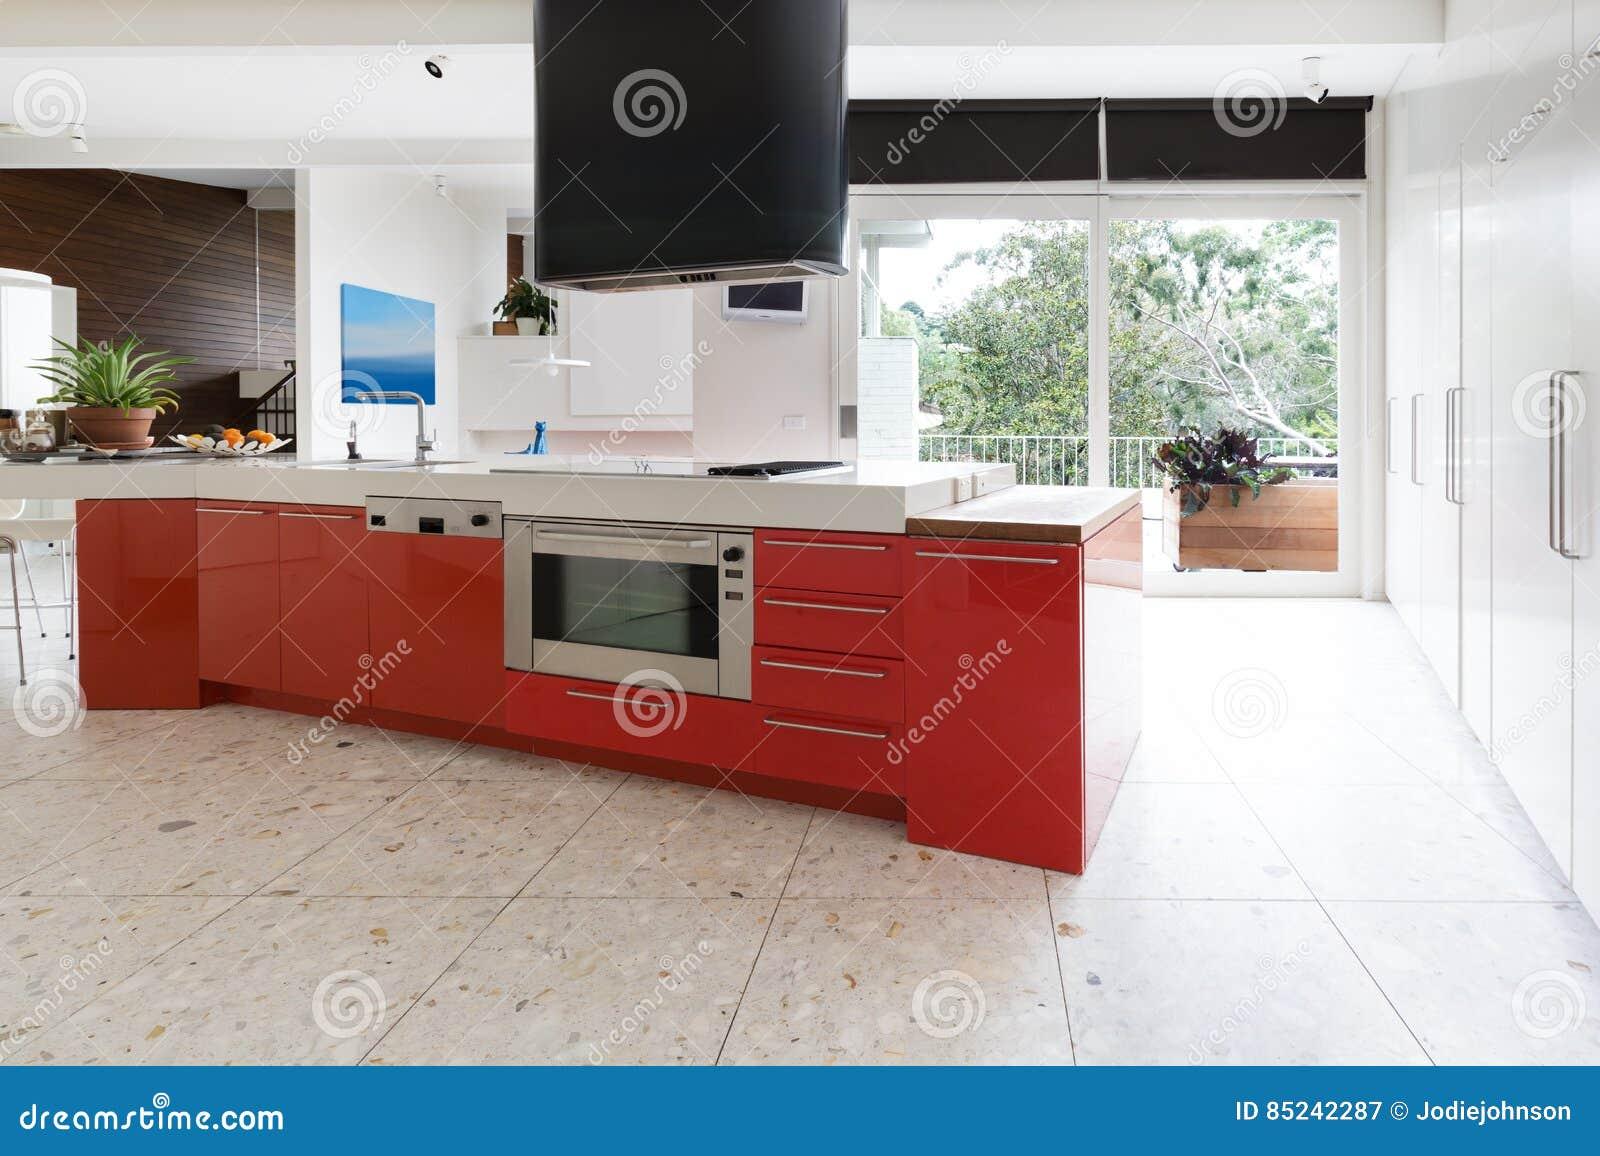 Küchenschränke Des Orange Rotes In Der Insel Setzen In Modernem ...